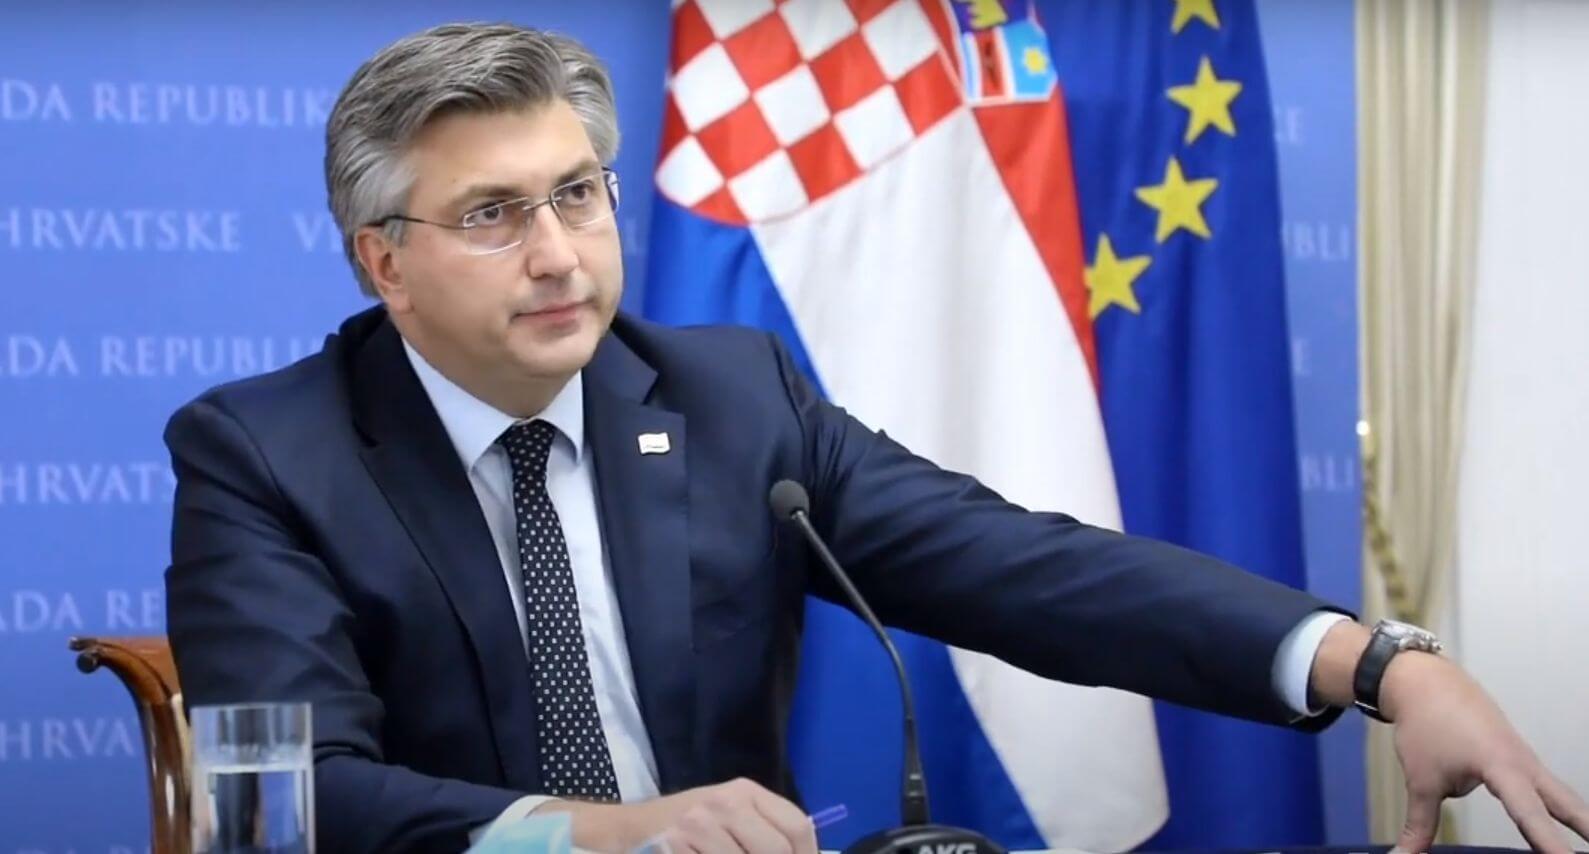 Ministar Beroš pozitivan na koronu: Plenković kazao da Stožer uskoro donosi nove mjere